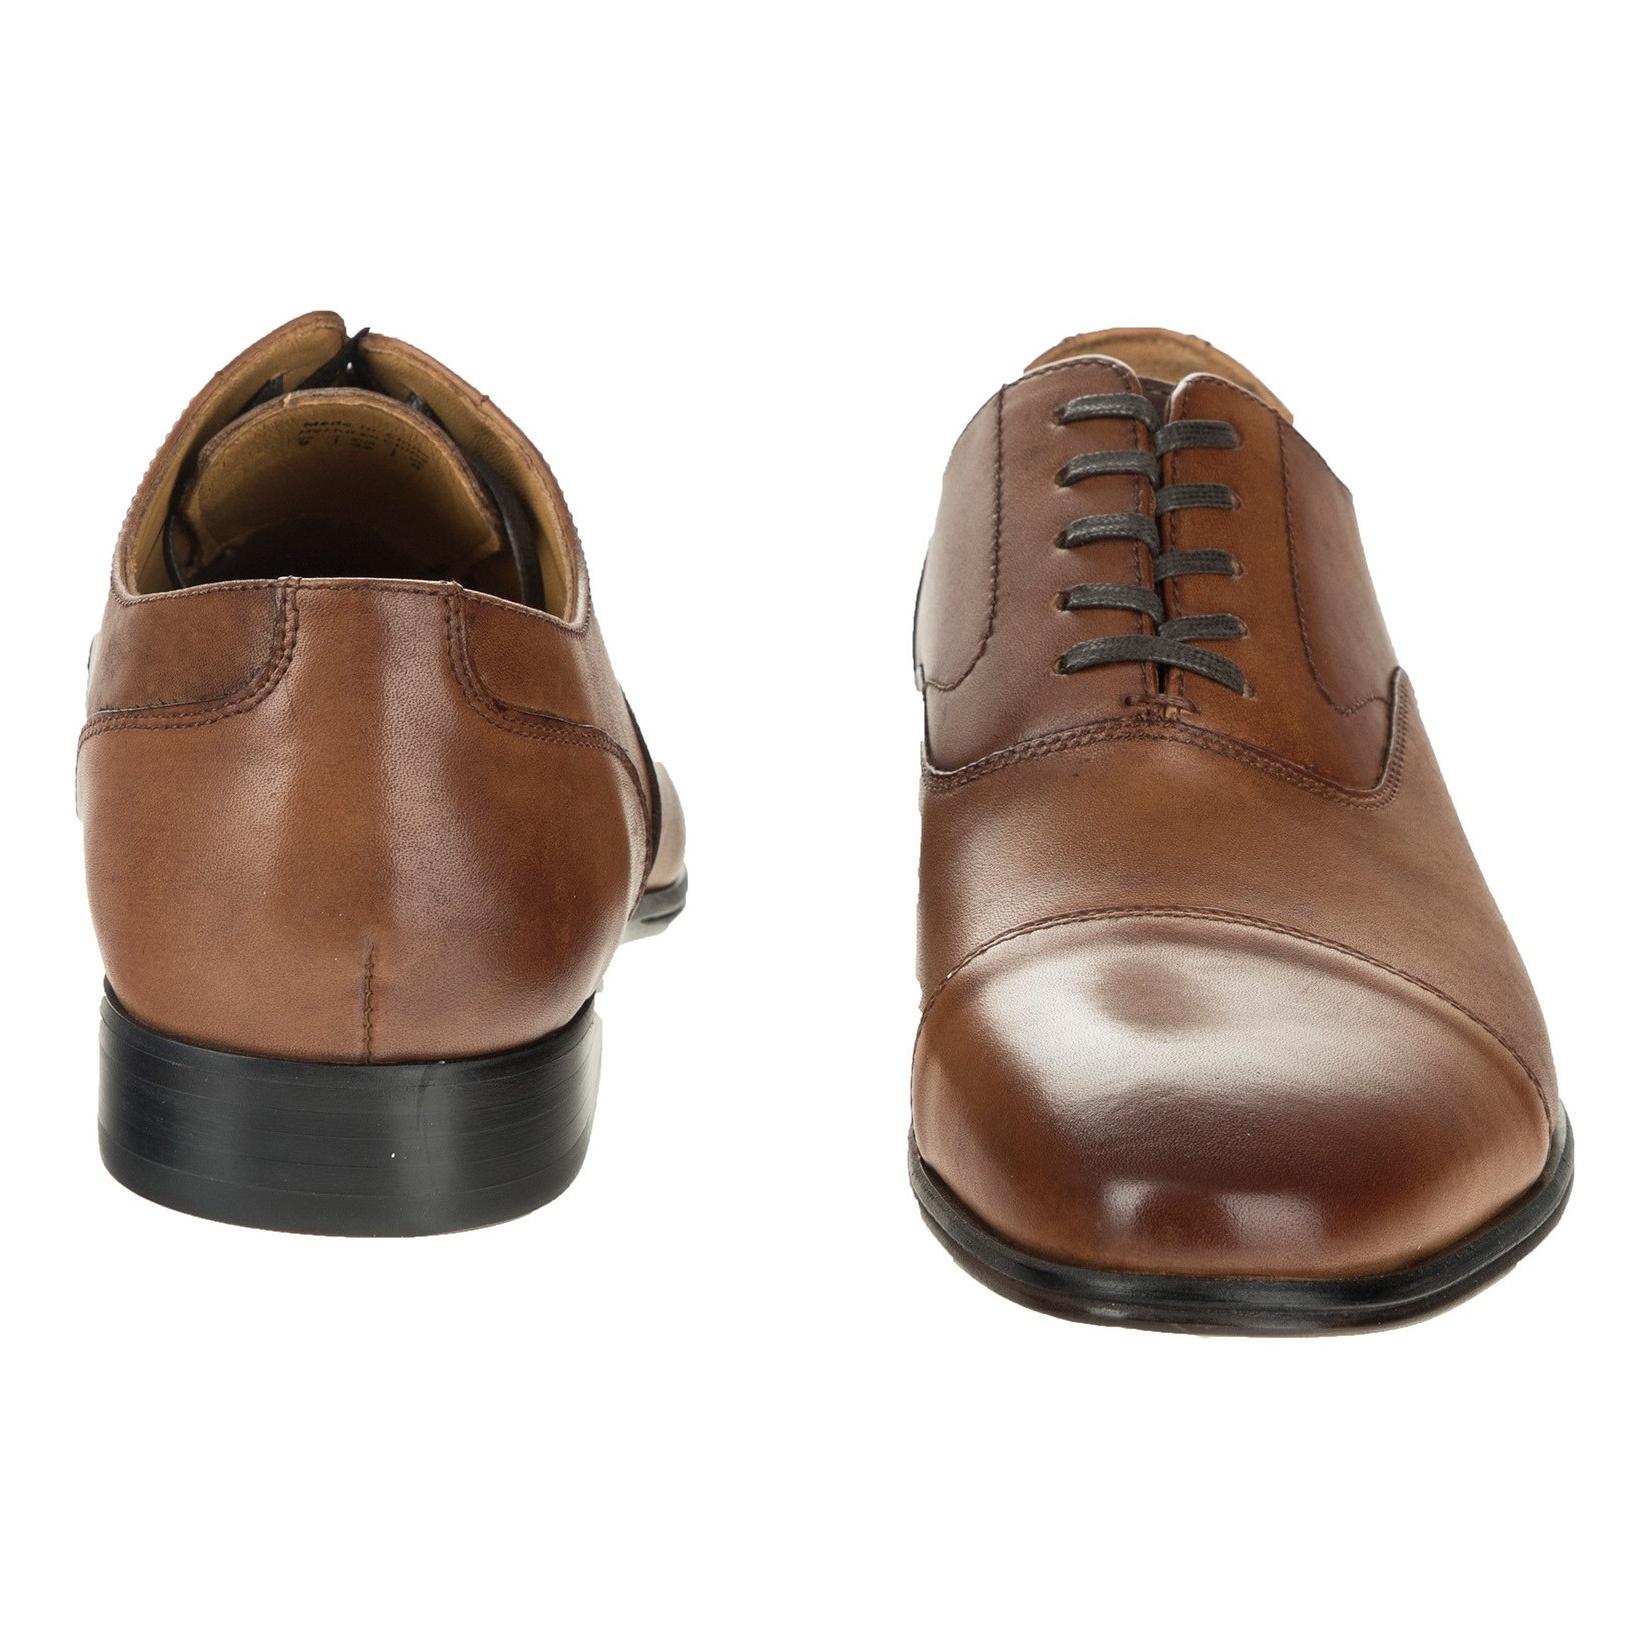 کفش رسمی چرم مردانه - آلدو - قهوه اي روشن - 4